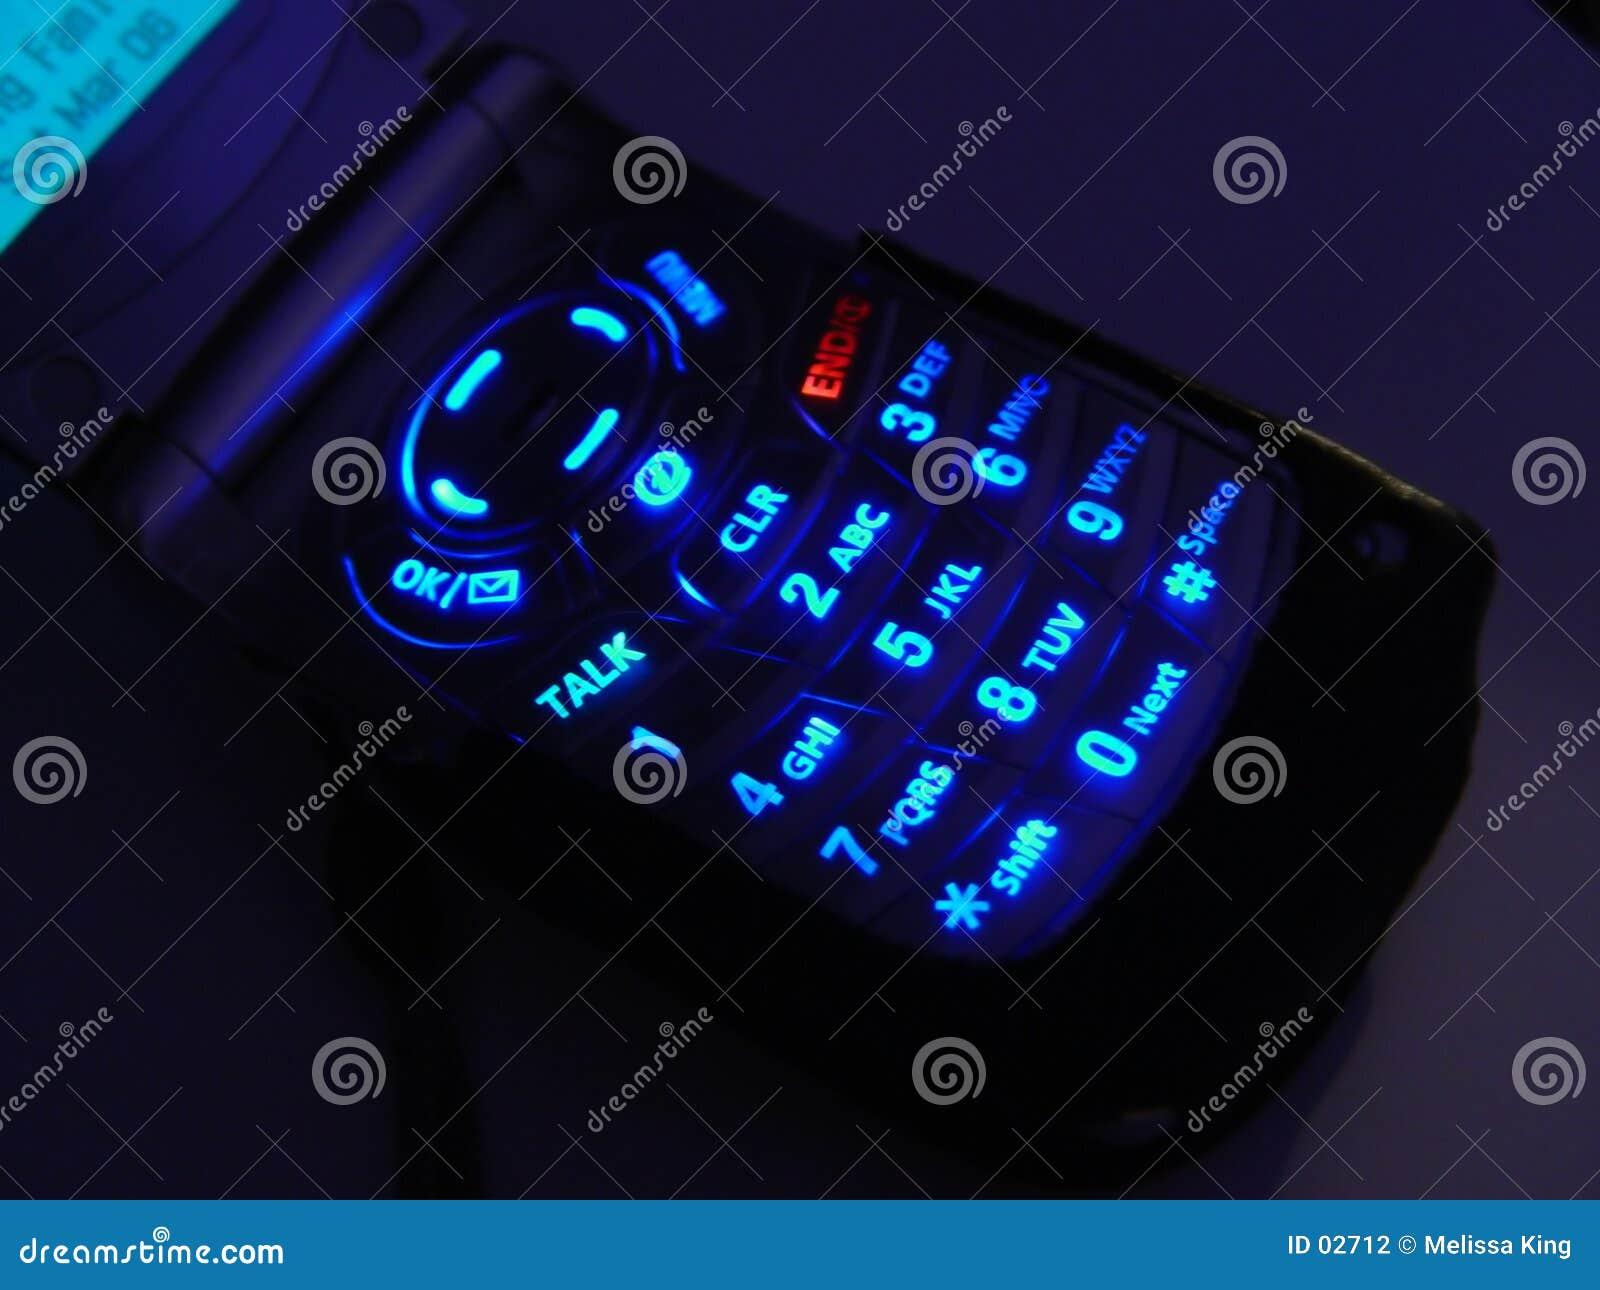 Celldarktelefon